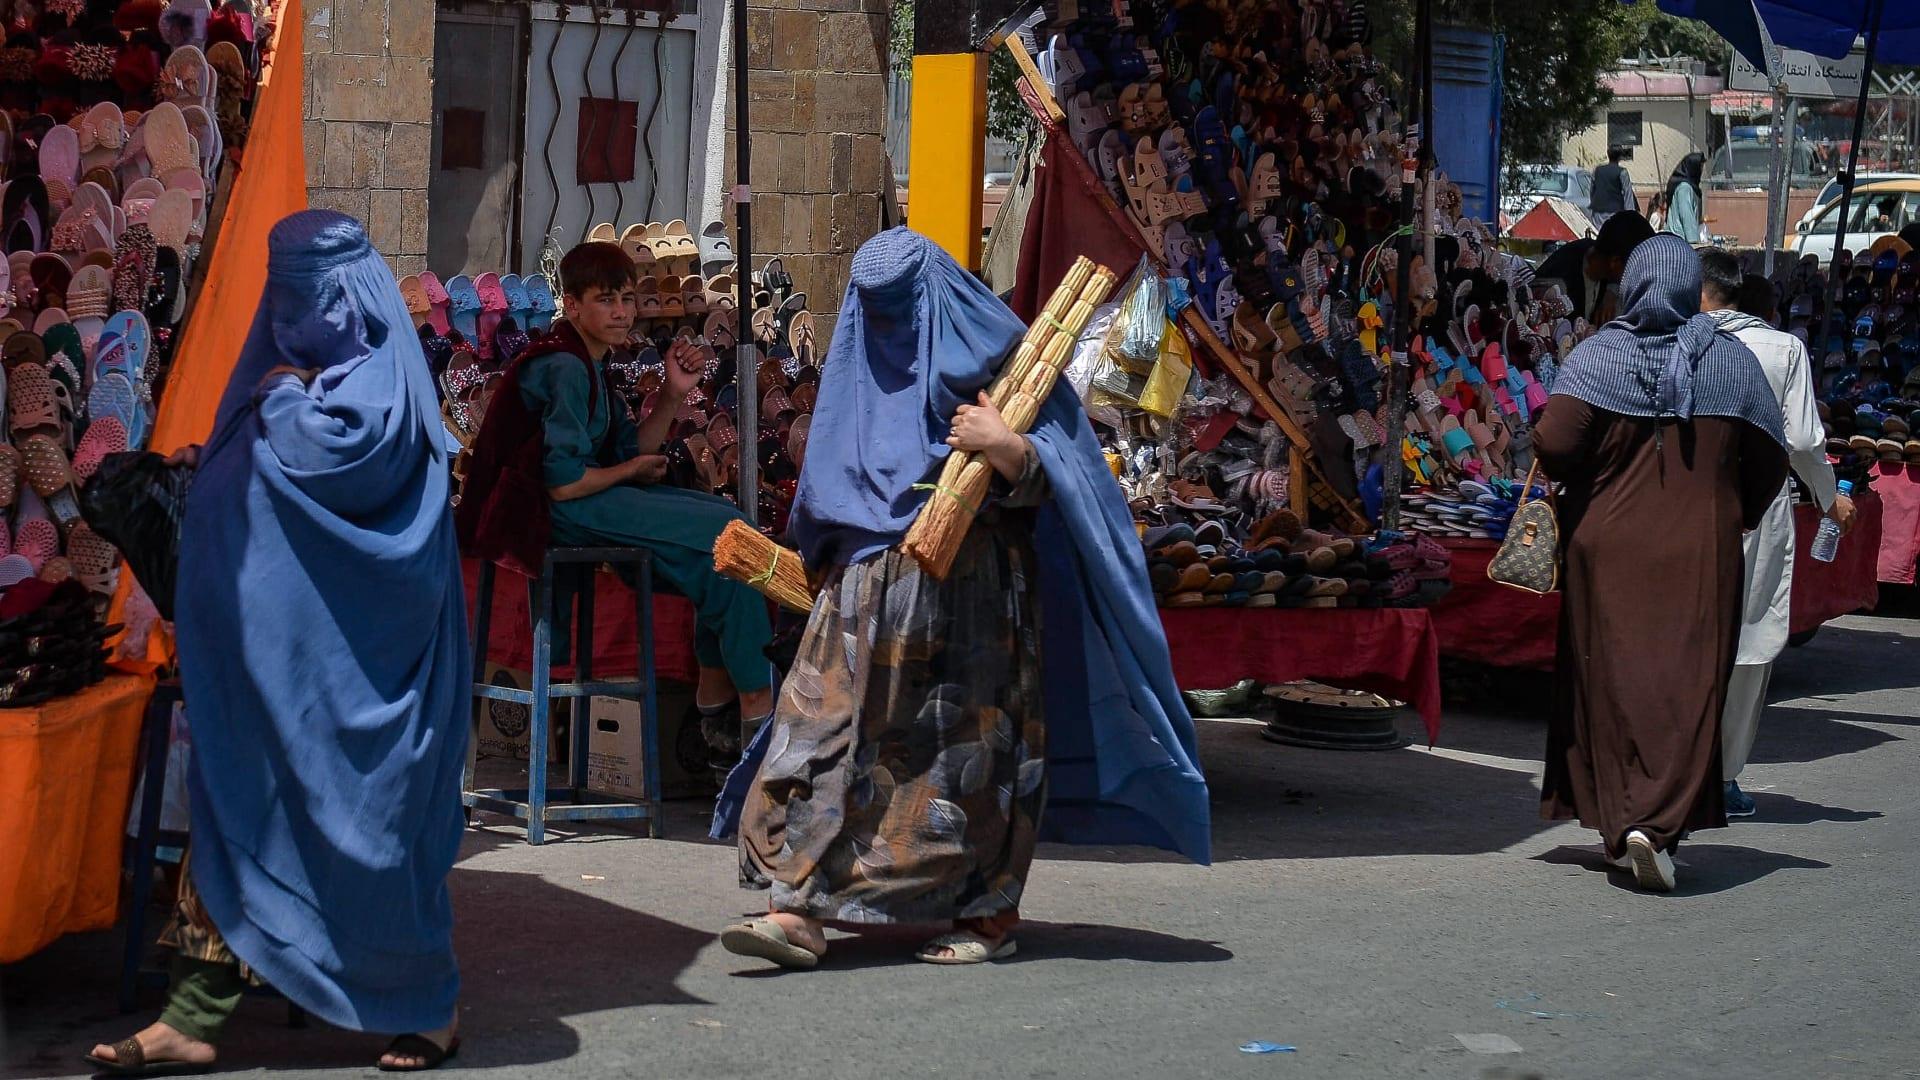 مغنية أفغانية واجهت طالبان أثناء الفرار: كنت أرتجف واعتقدت أنها نهايتي